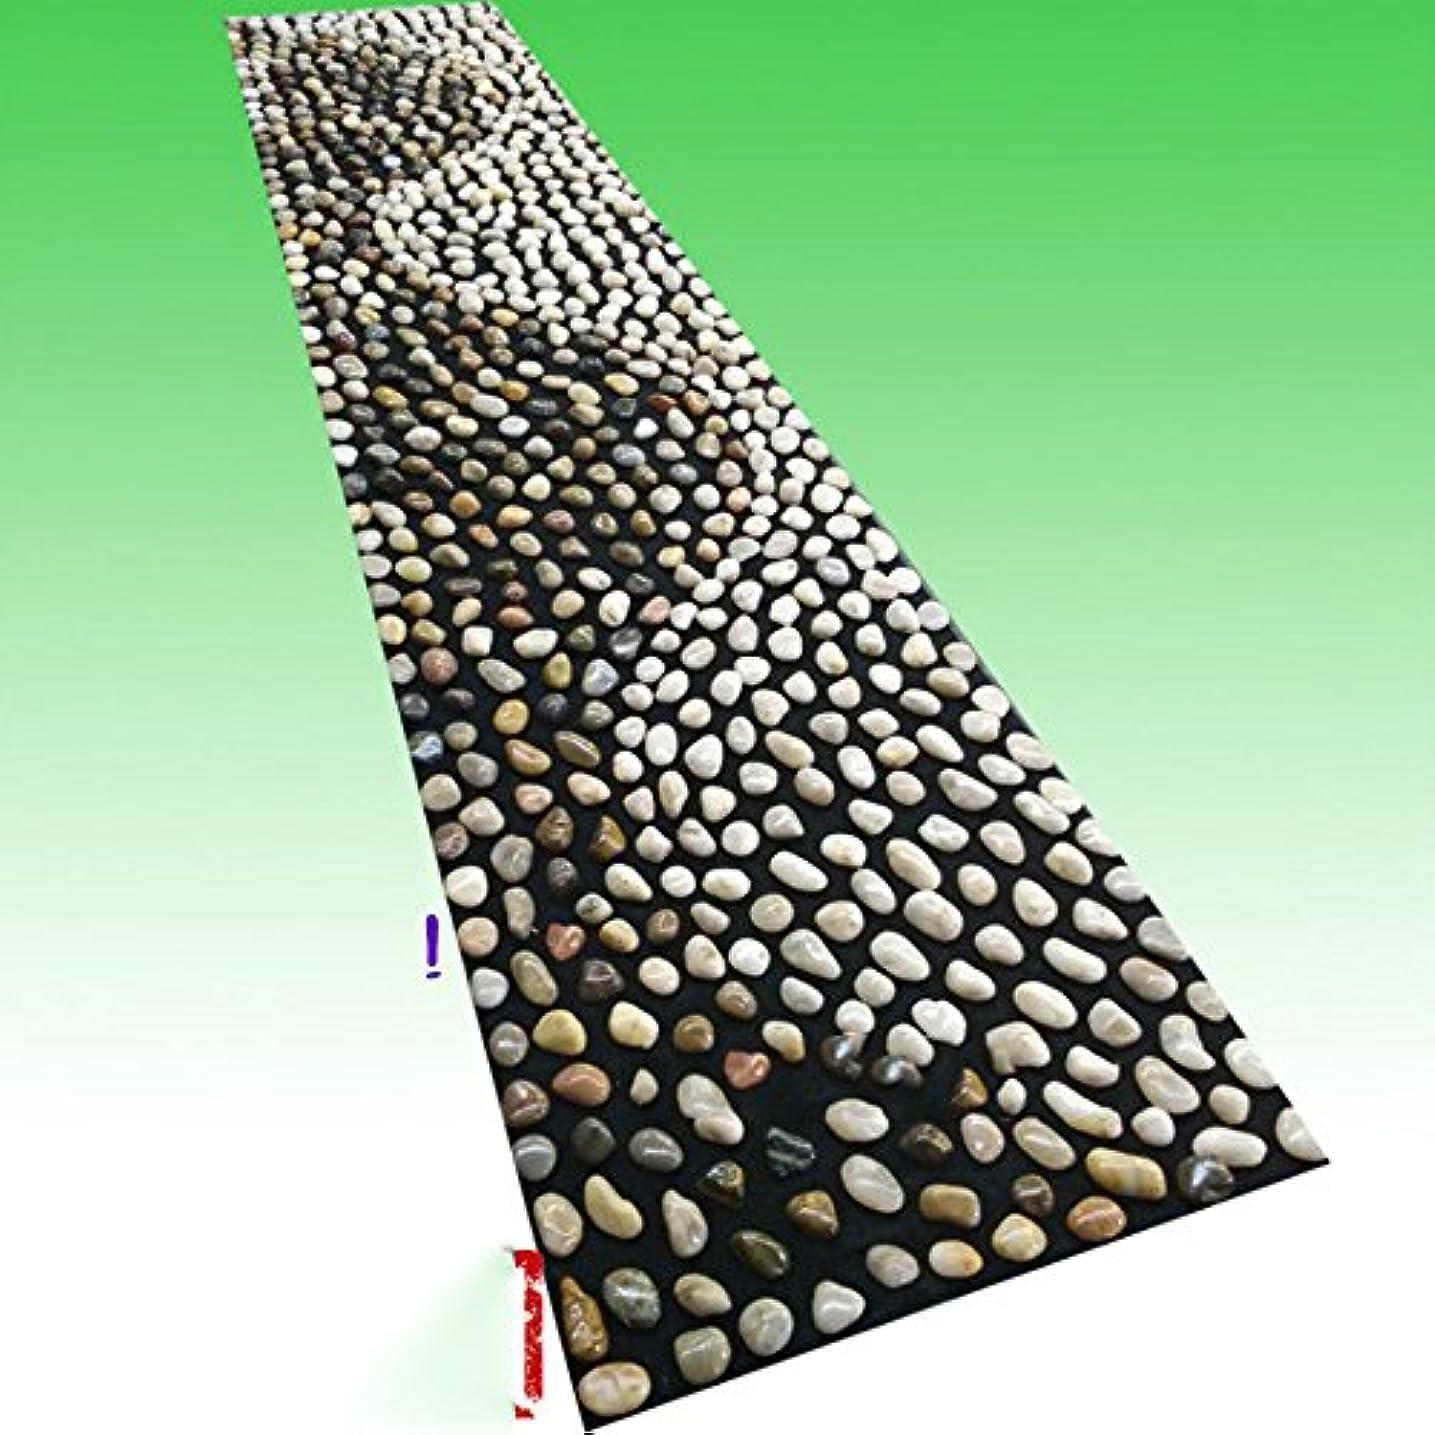 定義する凶暴な盲信足つぼ マット マッサージシート マッサージ 足裏 健康 ツボ刺激 折りたたみ ウォーキングマット 足裏マット 本物の健康 フットマッサージ 足のマッサージパッド 模造石畳の歩道